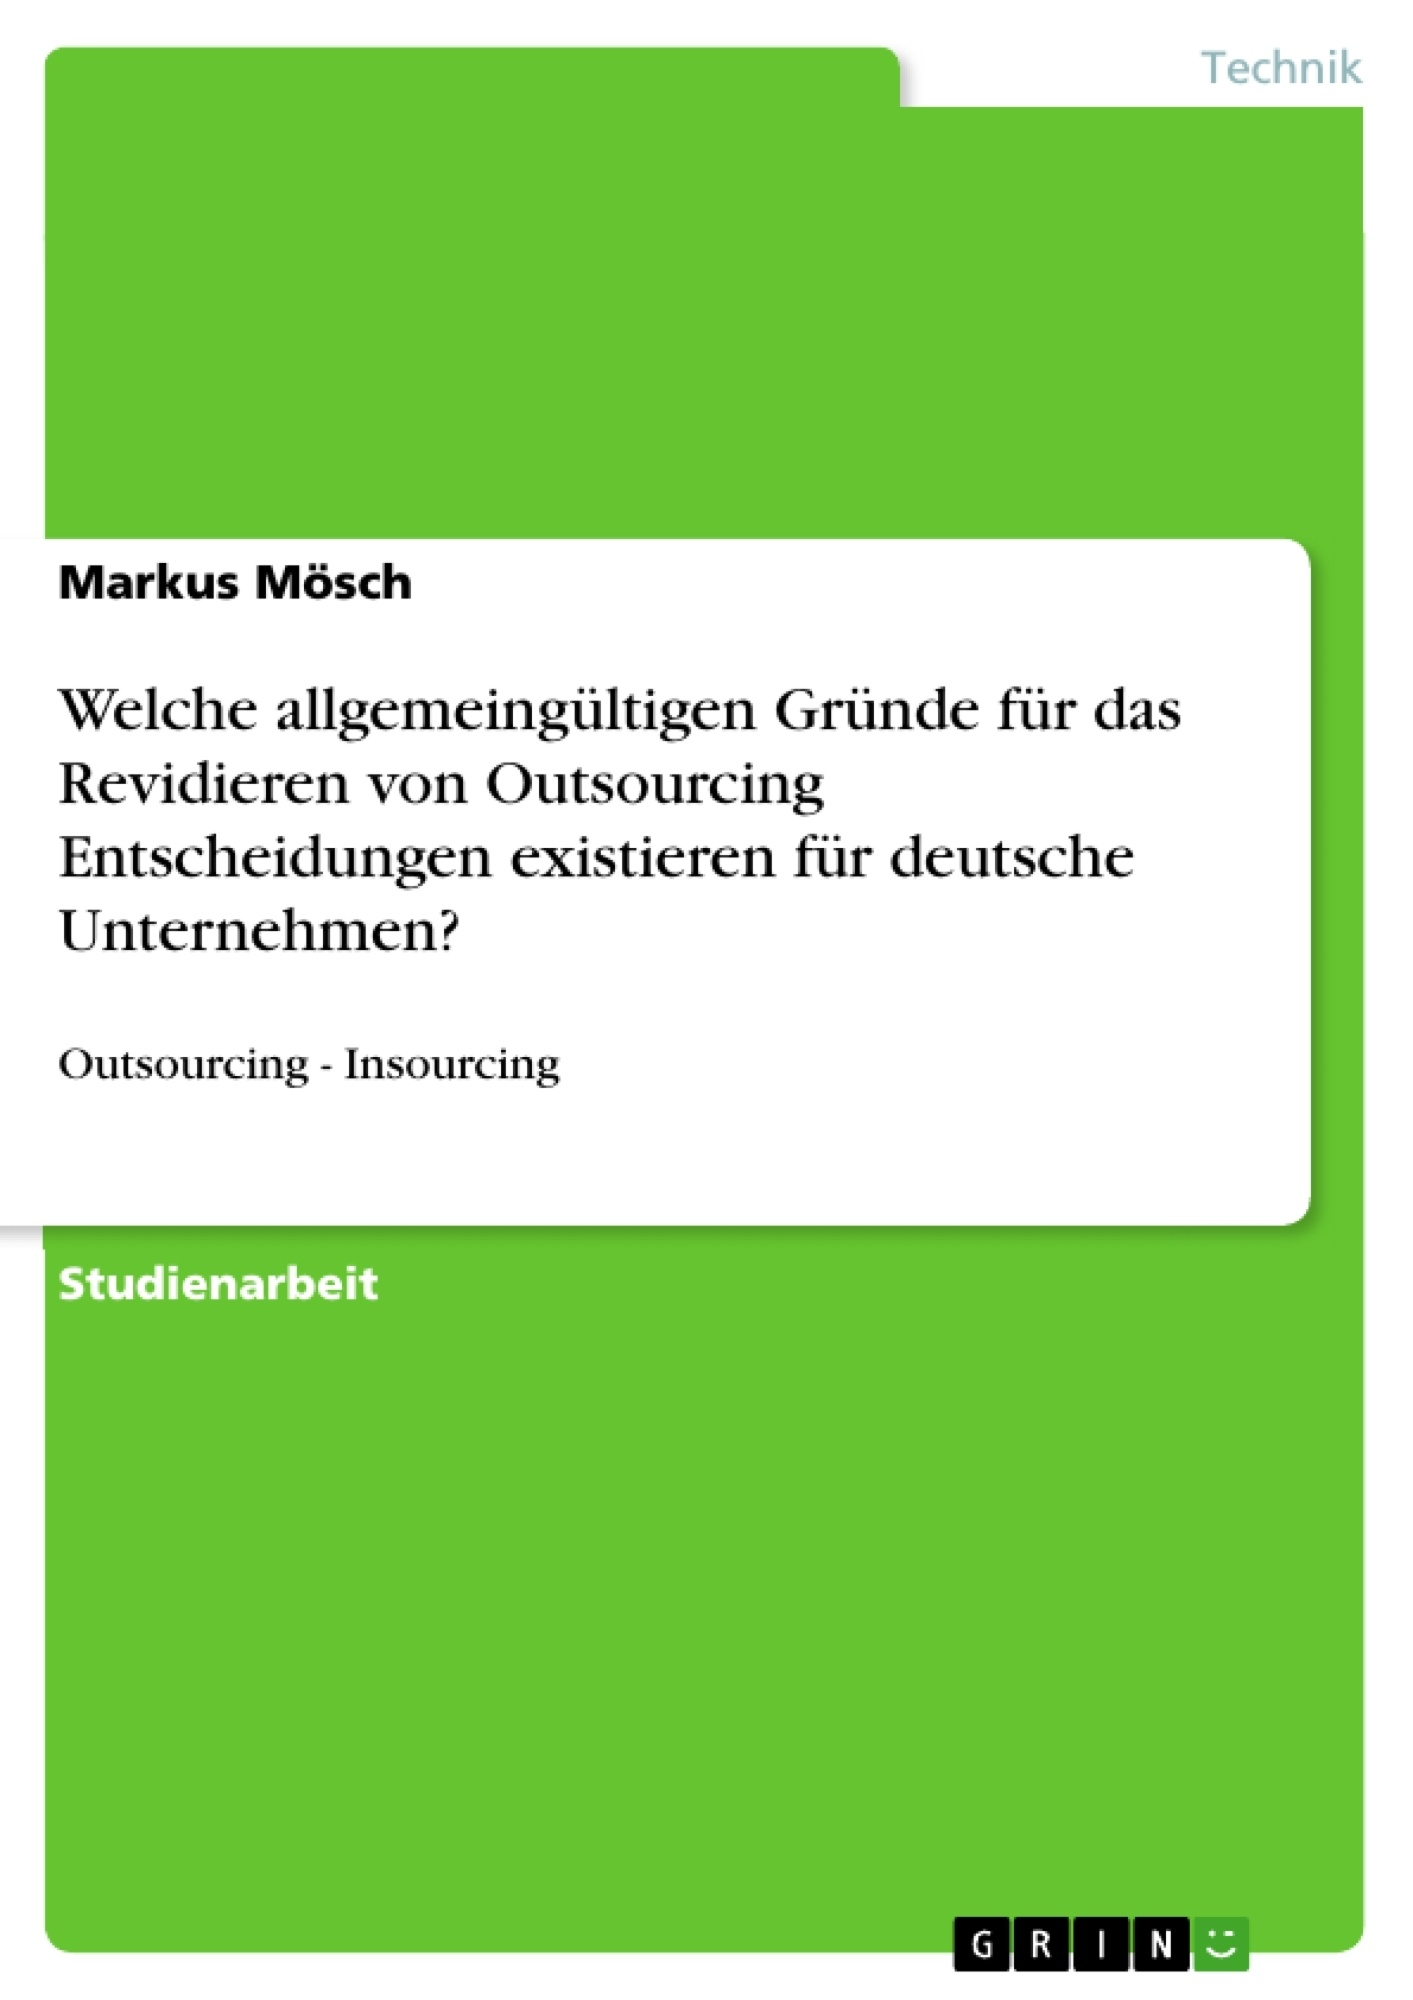 Titel: Welche allgemeingültigen Gründe für das Revidieren von Outsourcing Entscheidungen existieren für deutsche Unternehmen?